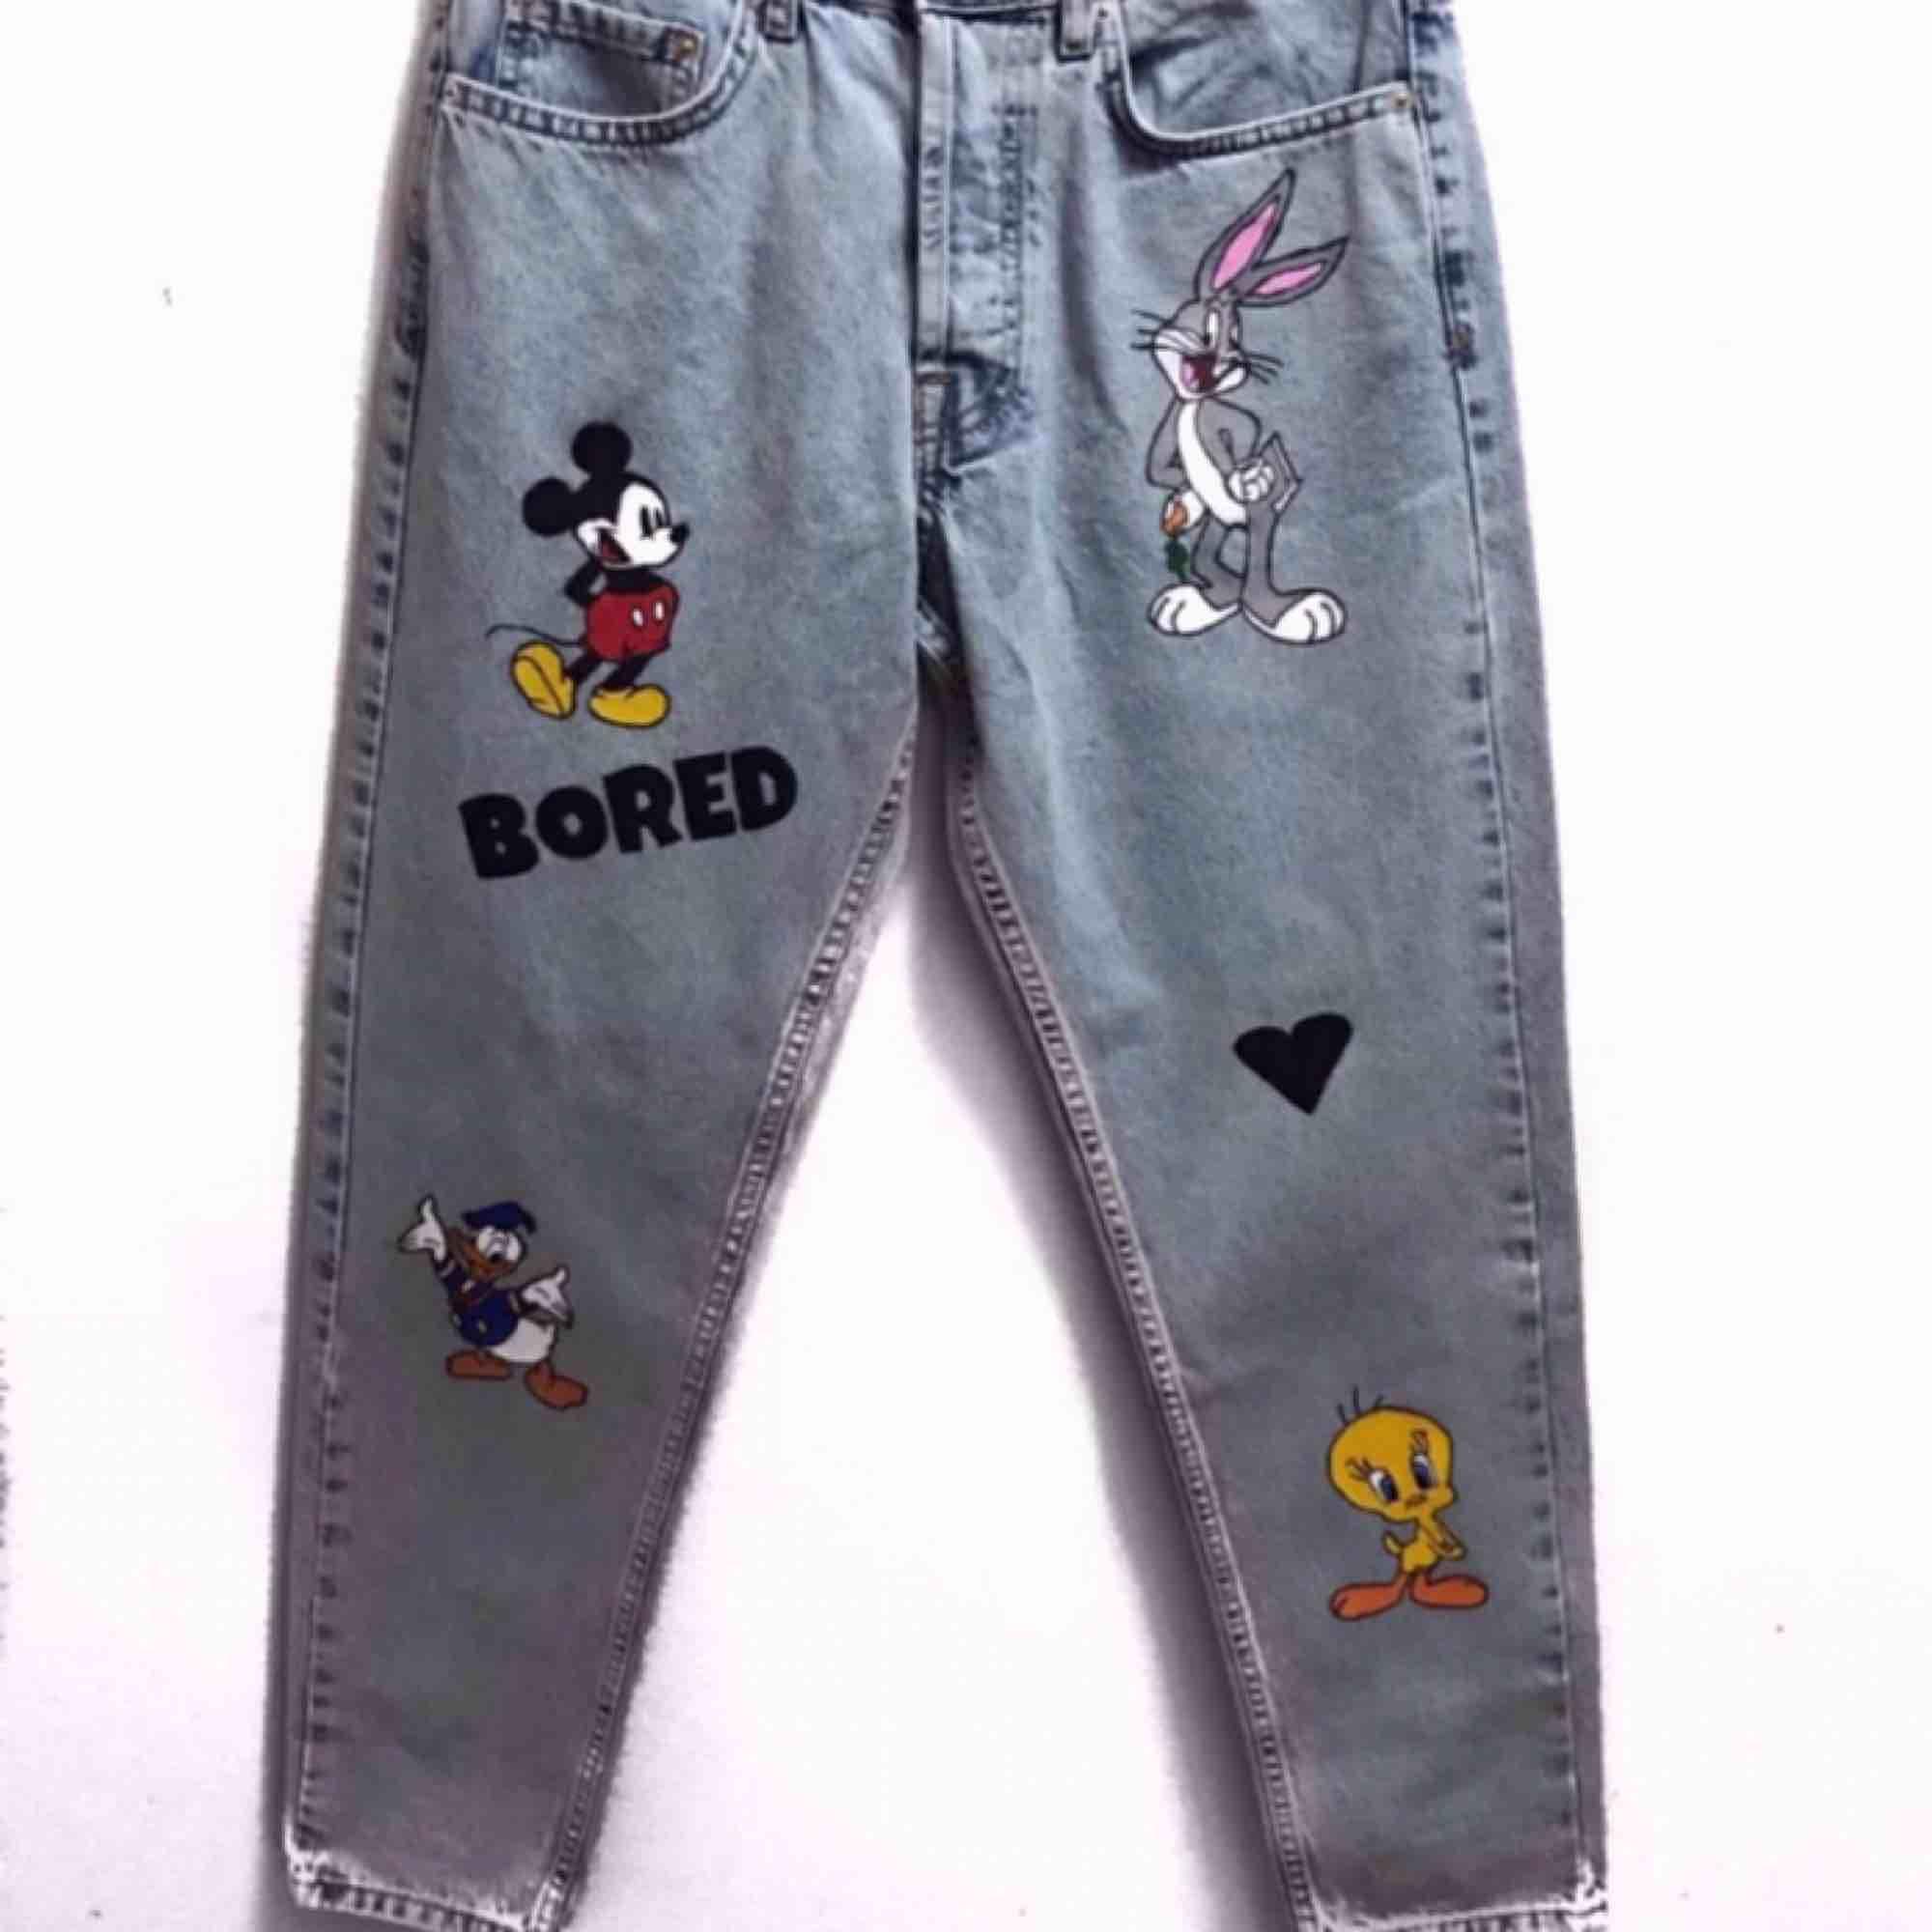 Målar och säljer custom kläder efter önskat motiv mic! Allt ifrån jeans, jackor, hoodies och vanliga t shirts!  Besök min instagram CustomWearSE för att få mer information . Övrigt.